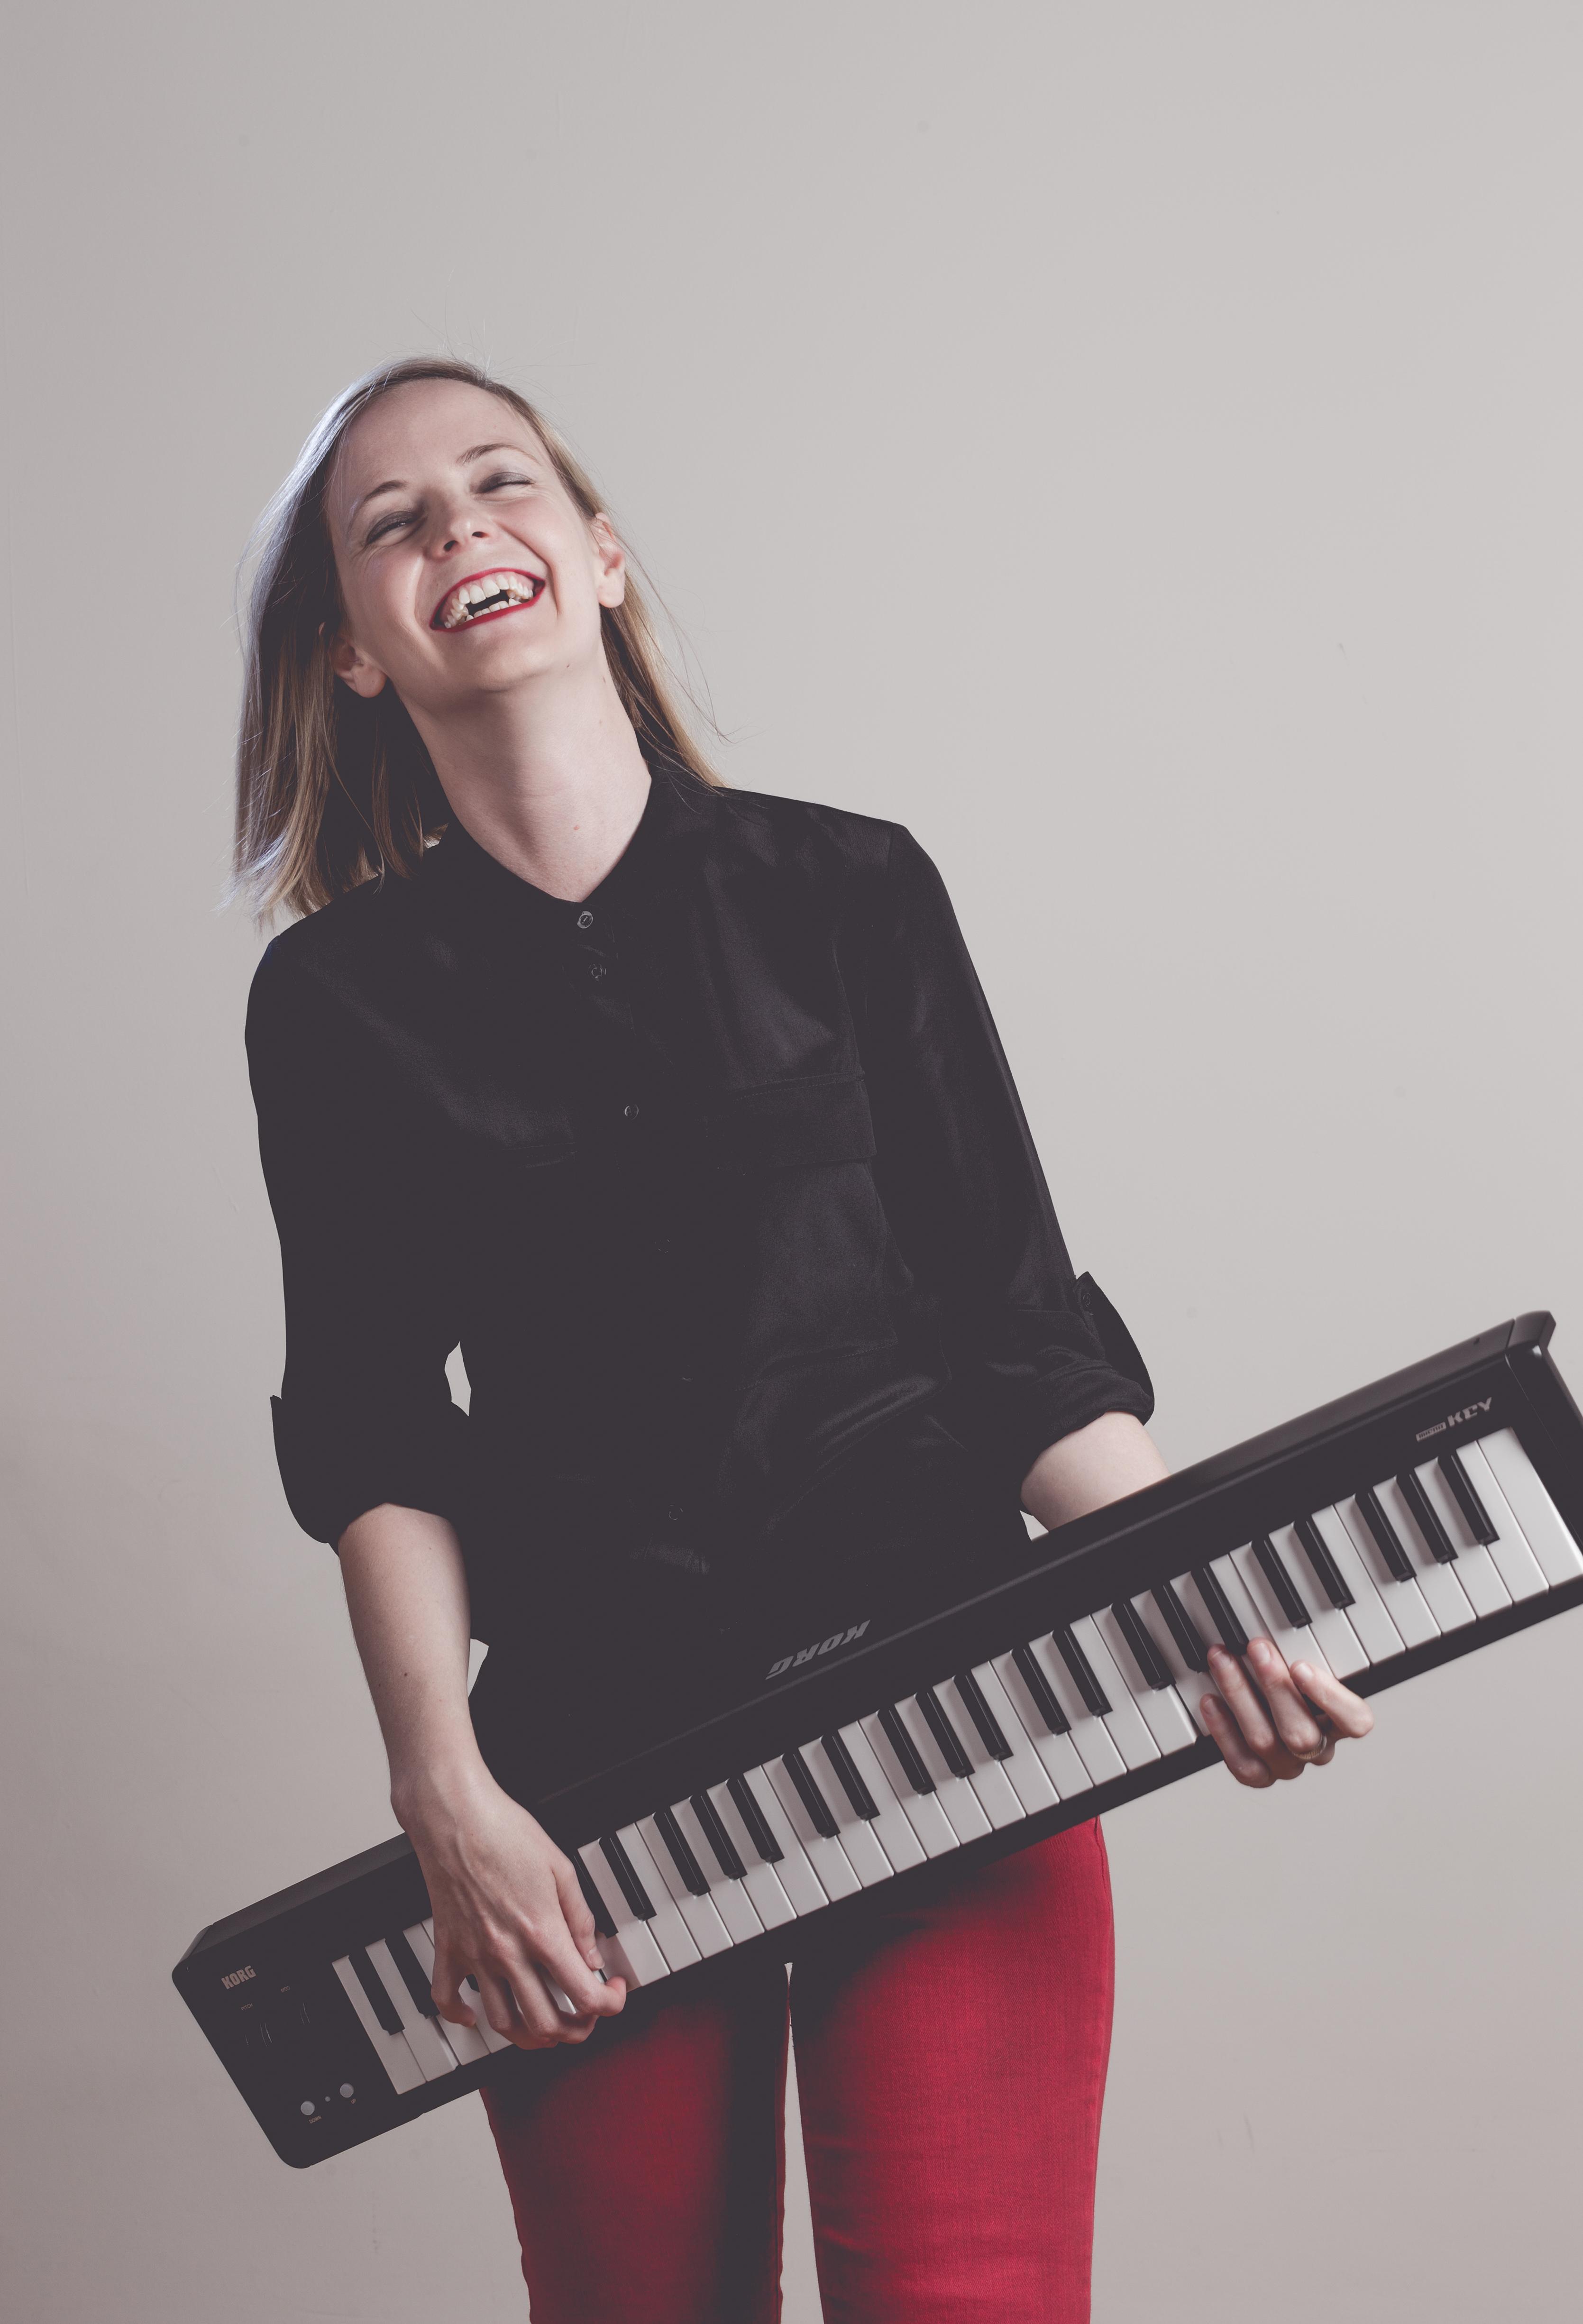 Amy Bastow